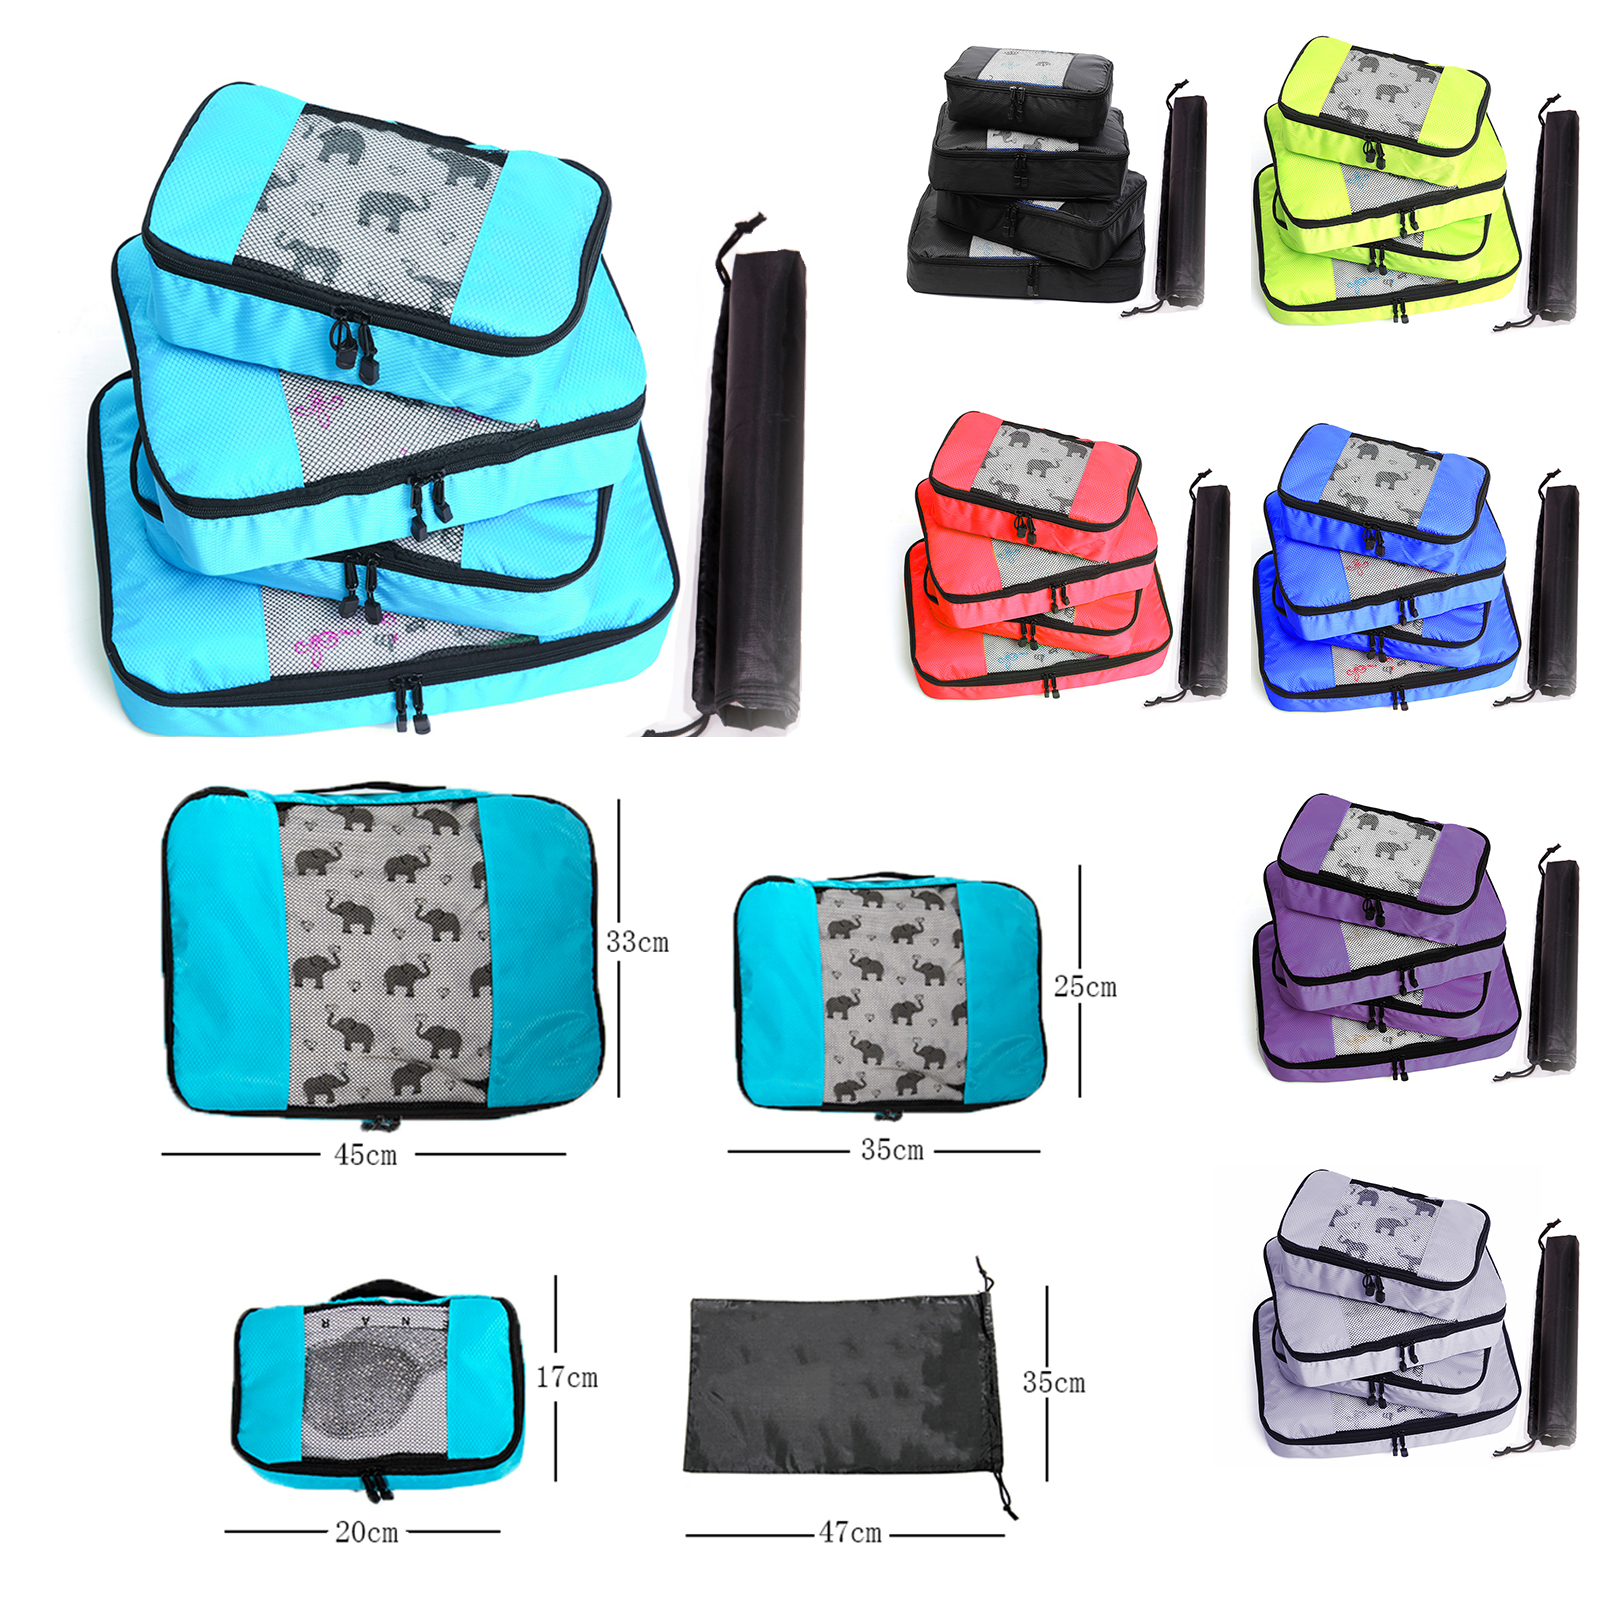 Travel Bags Packing Cube Luggage Nylon/Women/Big/Ladies/Large/Waterproof/Travel Bag Organizer/Women/Sets Packing Cube Organiser